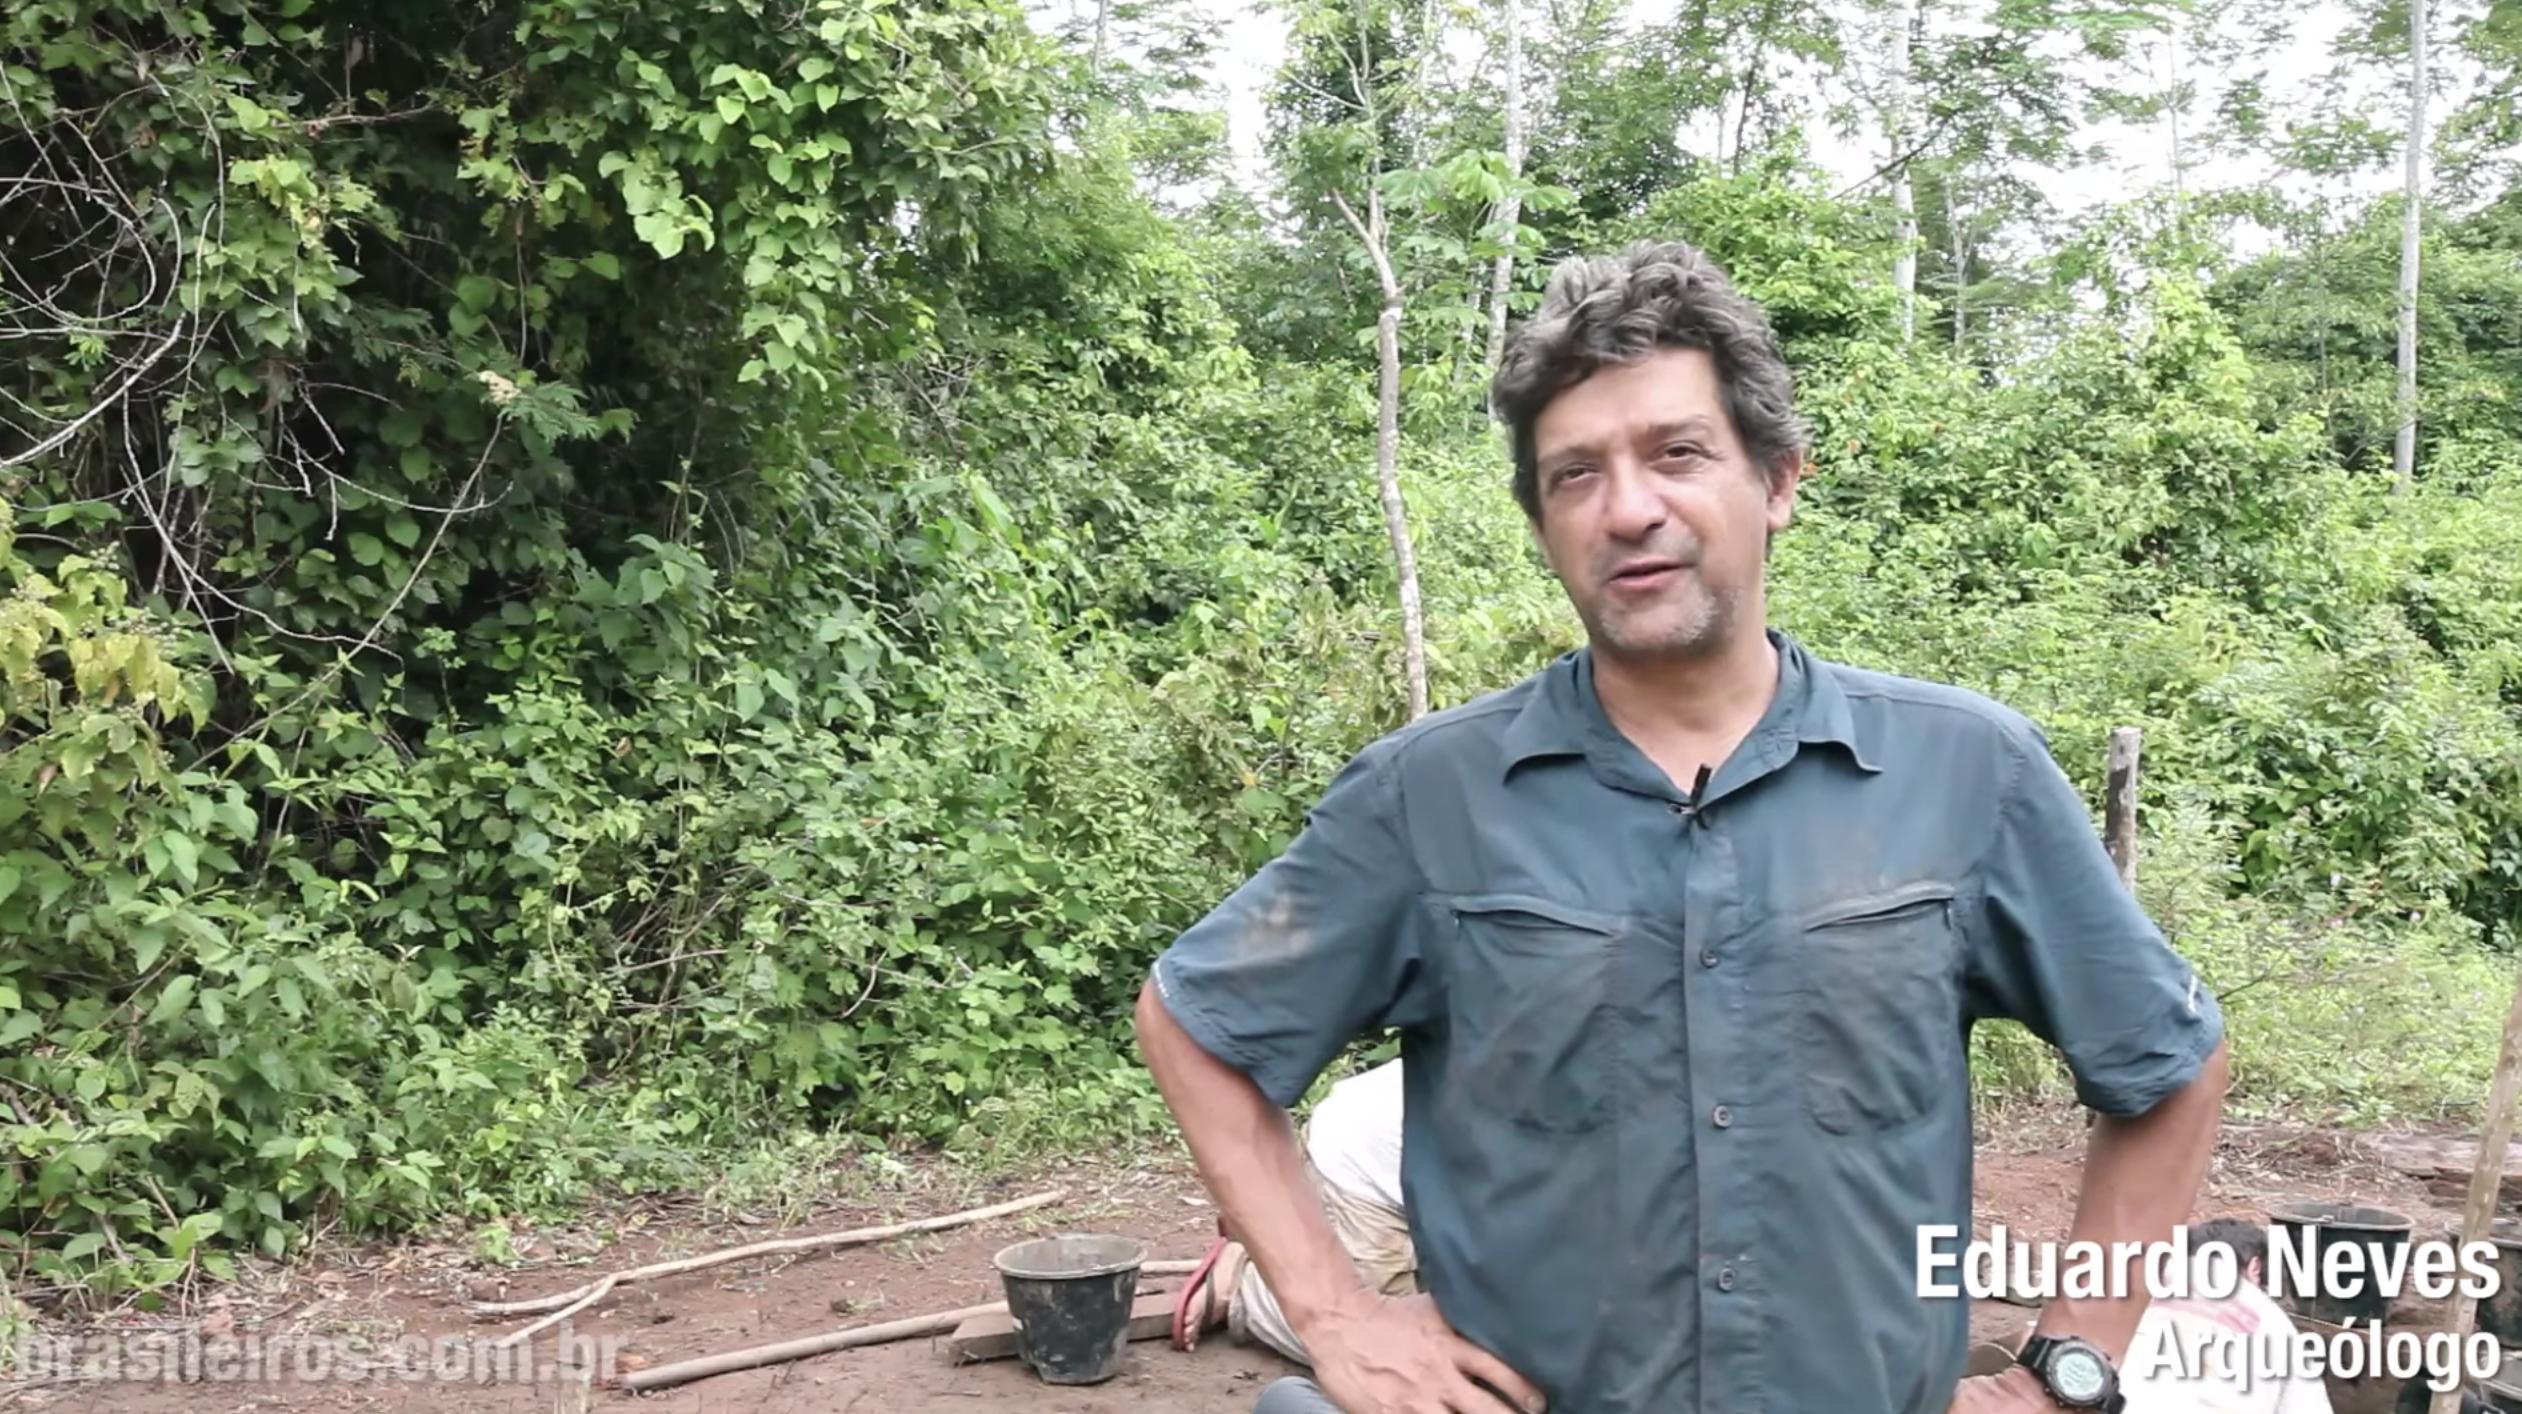 Arqueólogo Eduardo Neves: Por que não há pirâmides no Brasil?